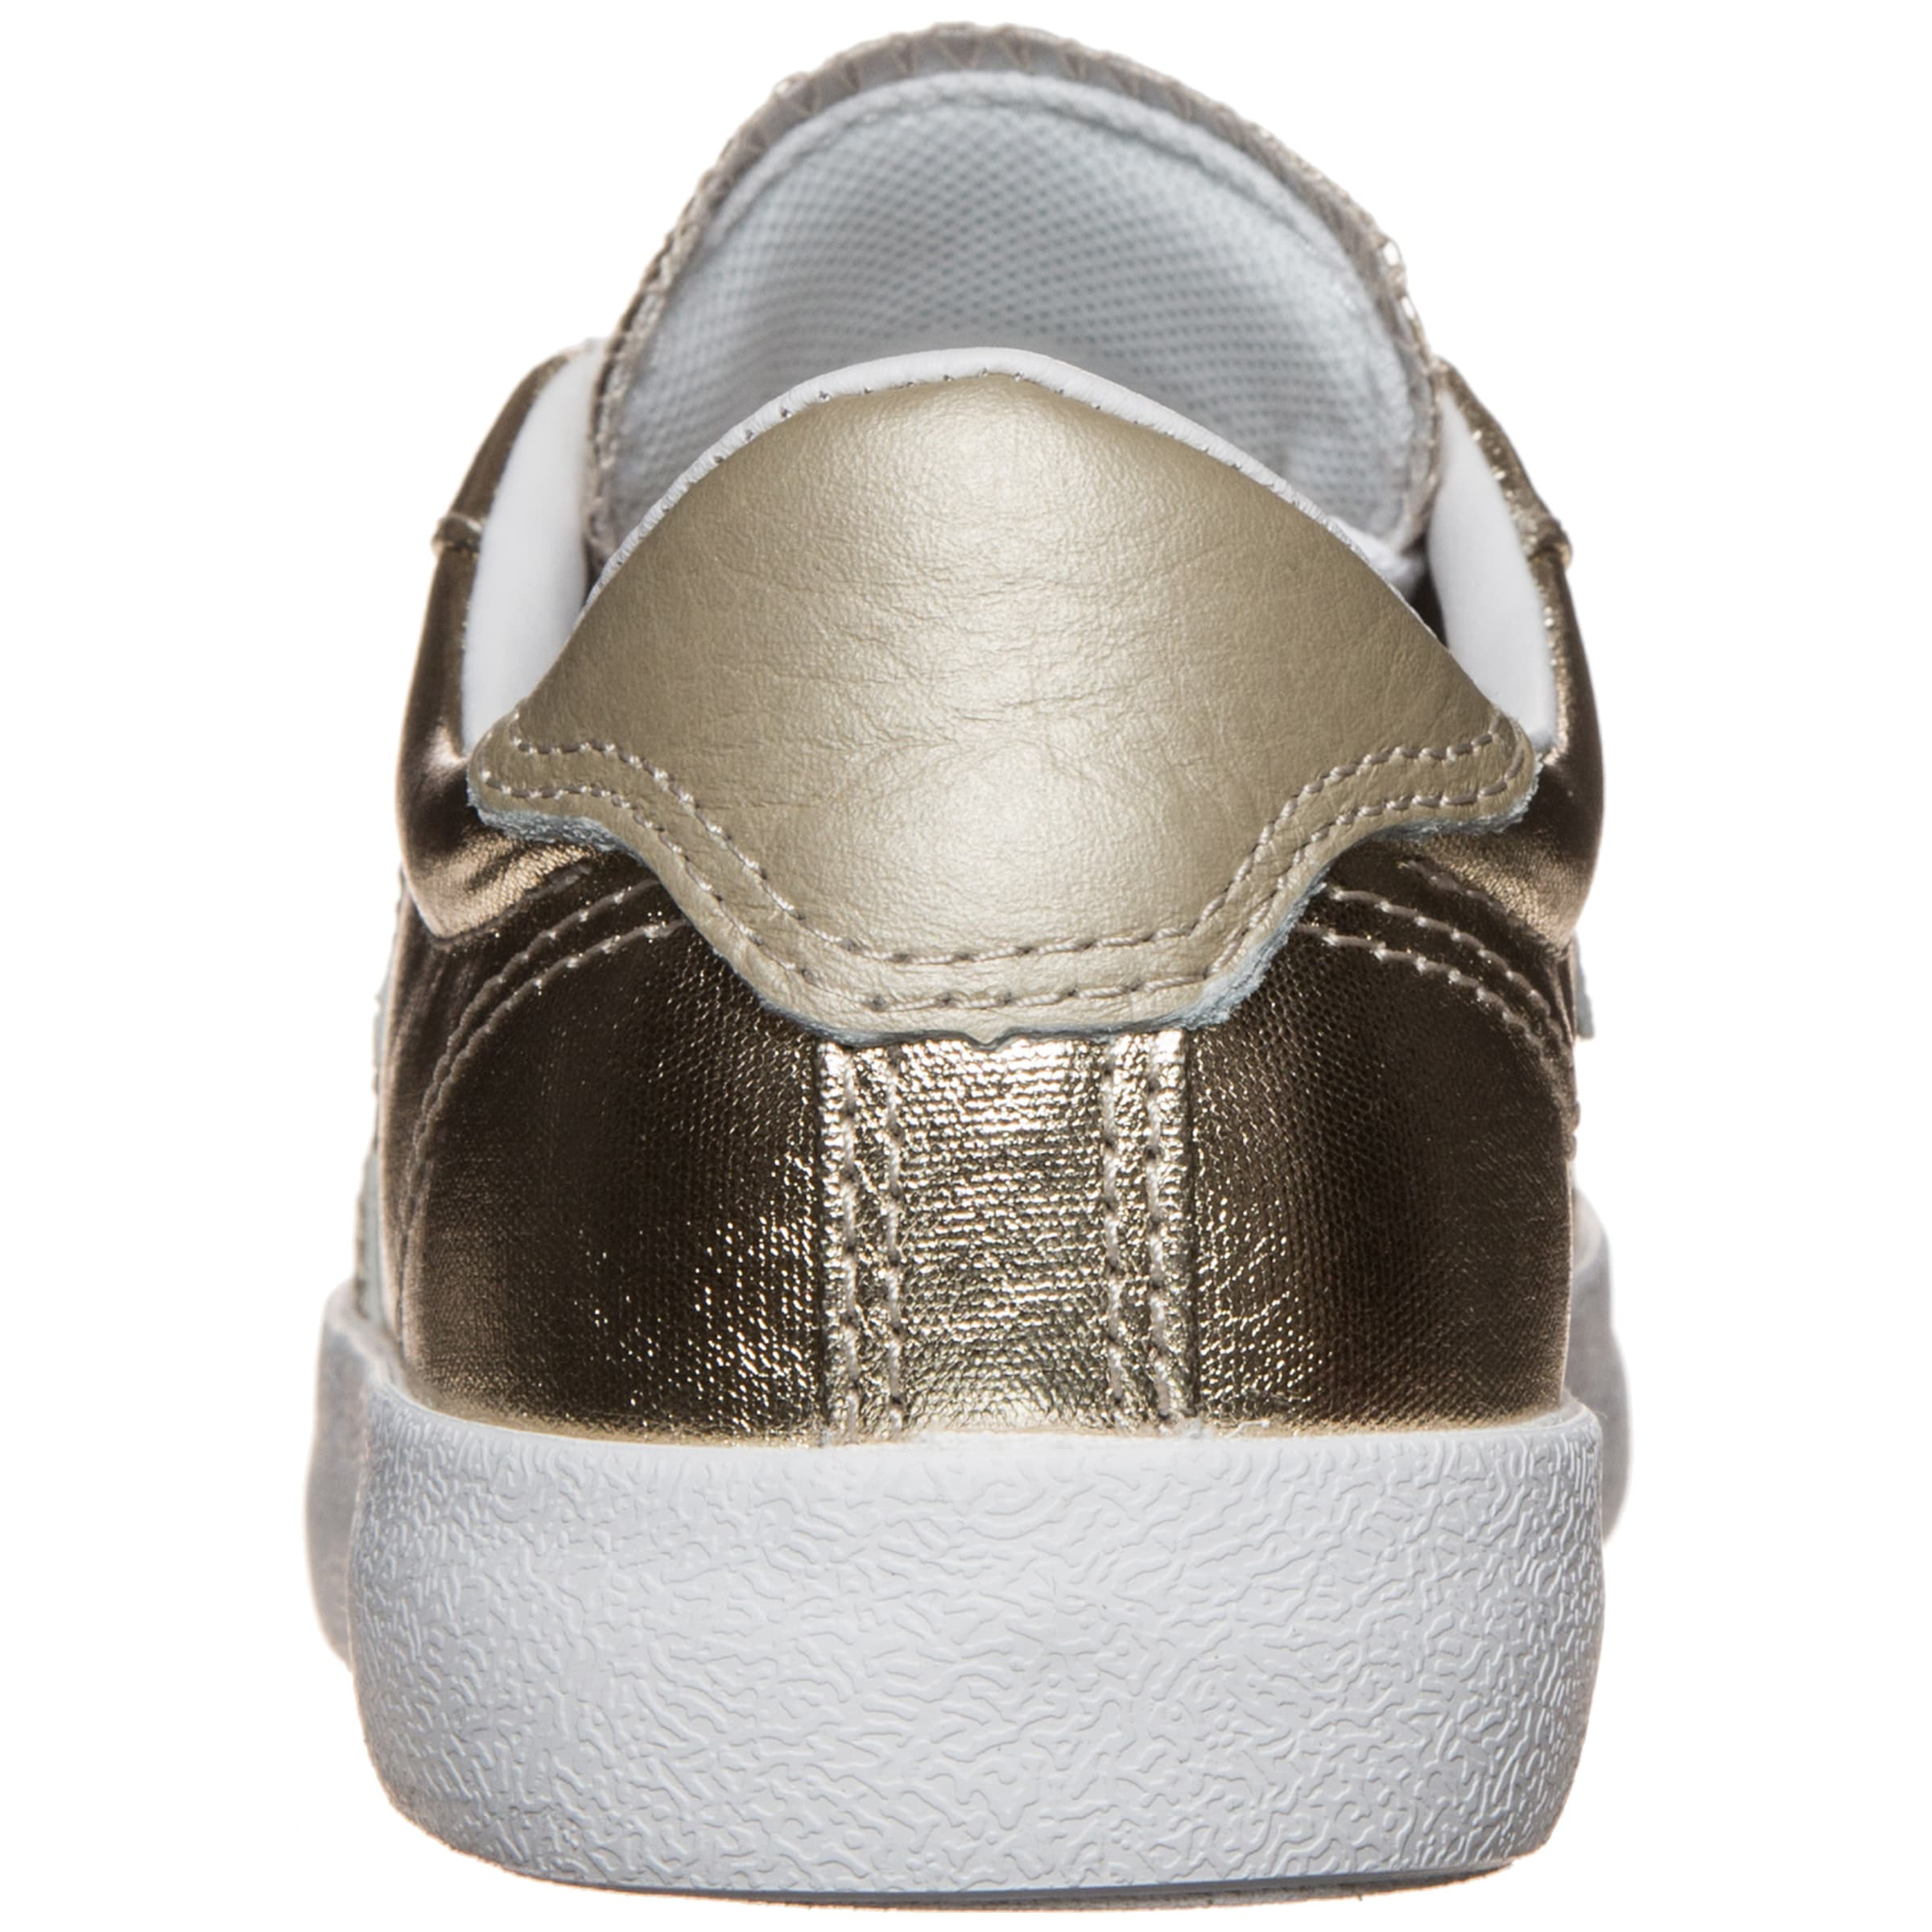 Frei Versendende Qualität Niedriger Preis Manchester Zum Verkauf CONVERSE Cons Breakpoint Metallic OX Sneaker LQToG91pm4